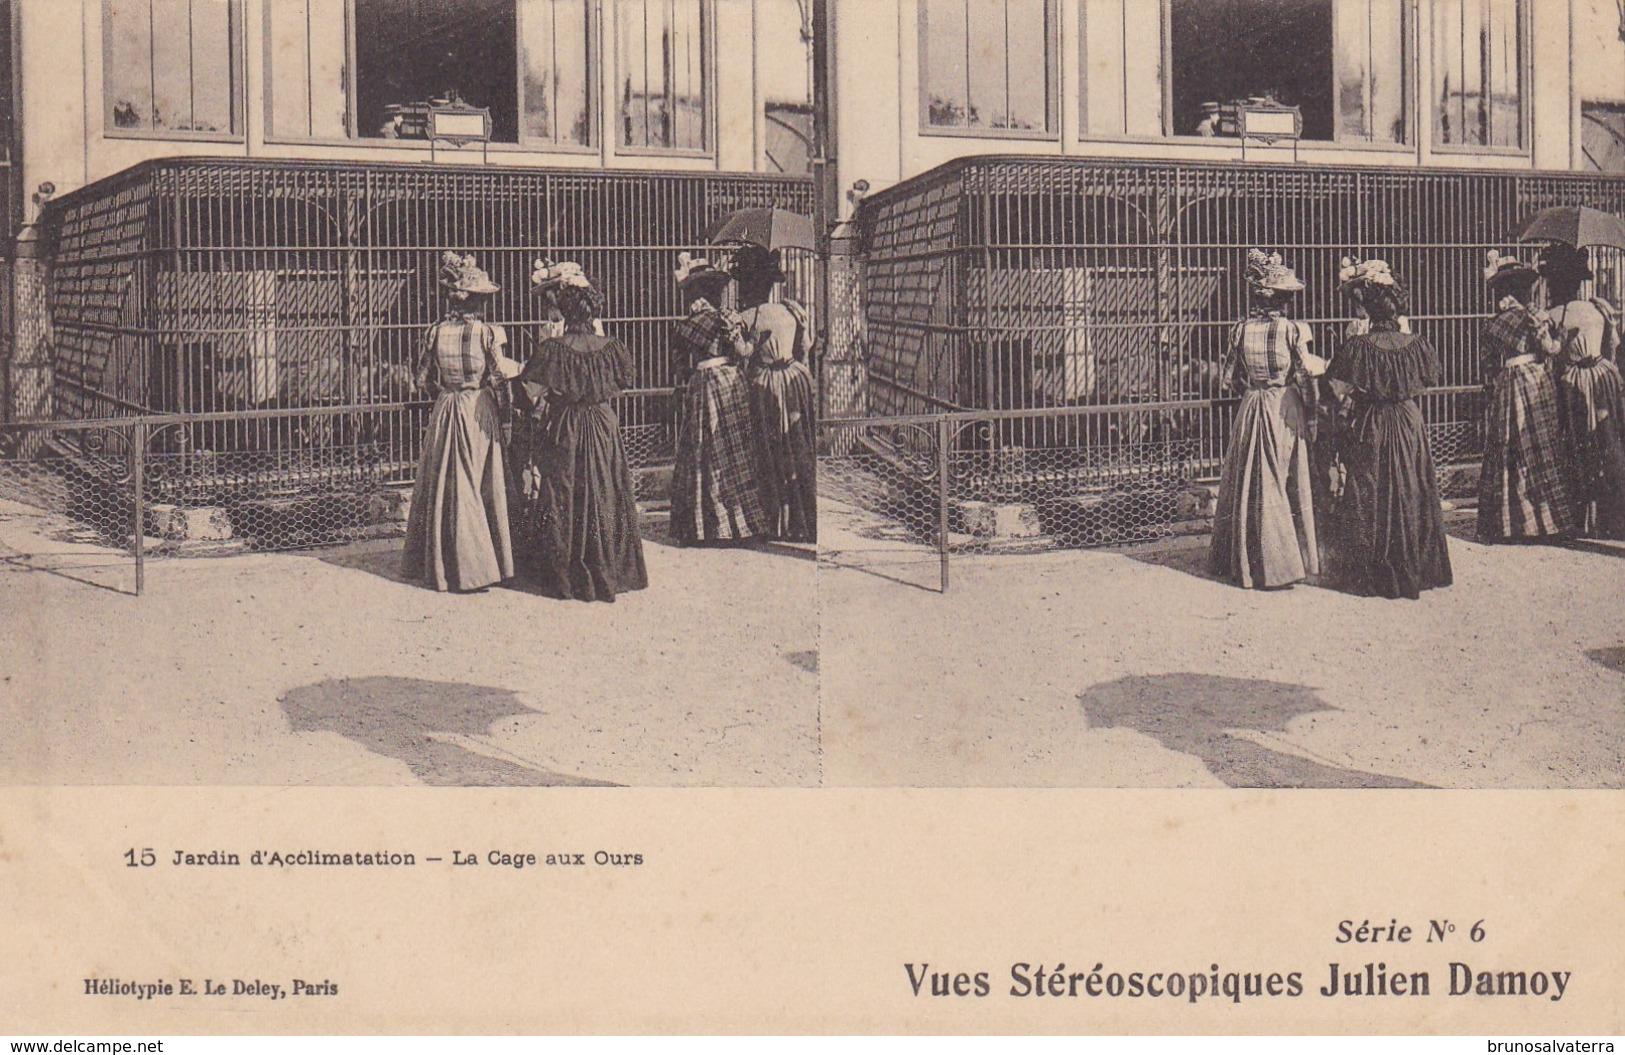 VUES STEREOSCOPIQUES JULIEN DAMOY - 15 Jardin D'Acclimatation - La Cage Aux Ours - Cartoline Stereoscopiche